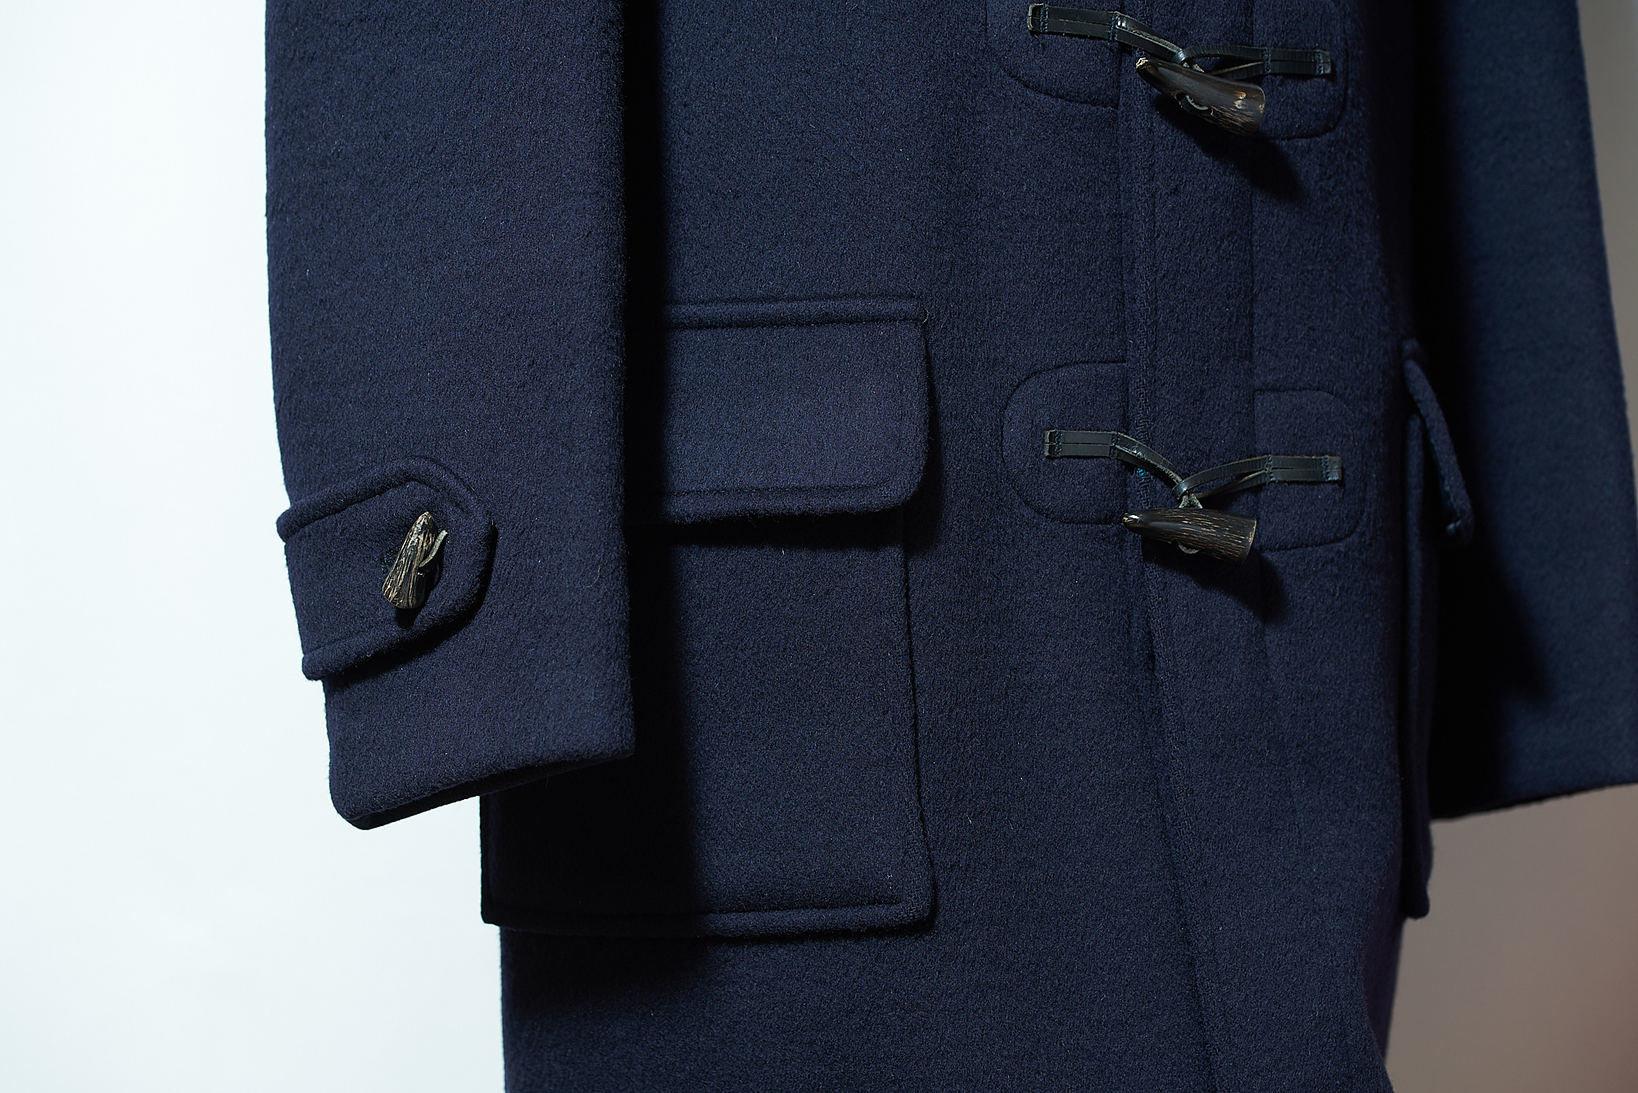 パッチ&フラップポケットは、アメリカントラッドスタイルのネイビーブレザーを彷彿とさせる。